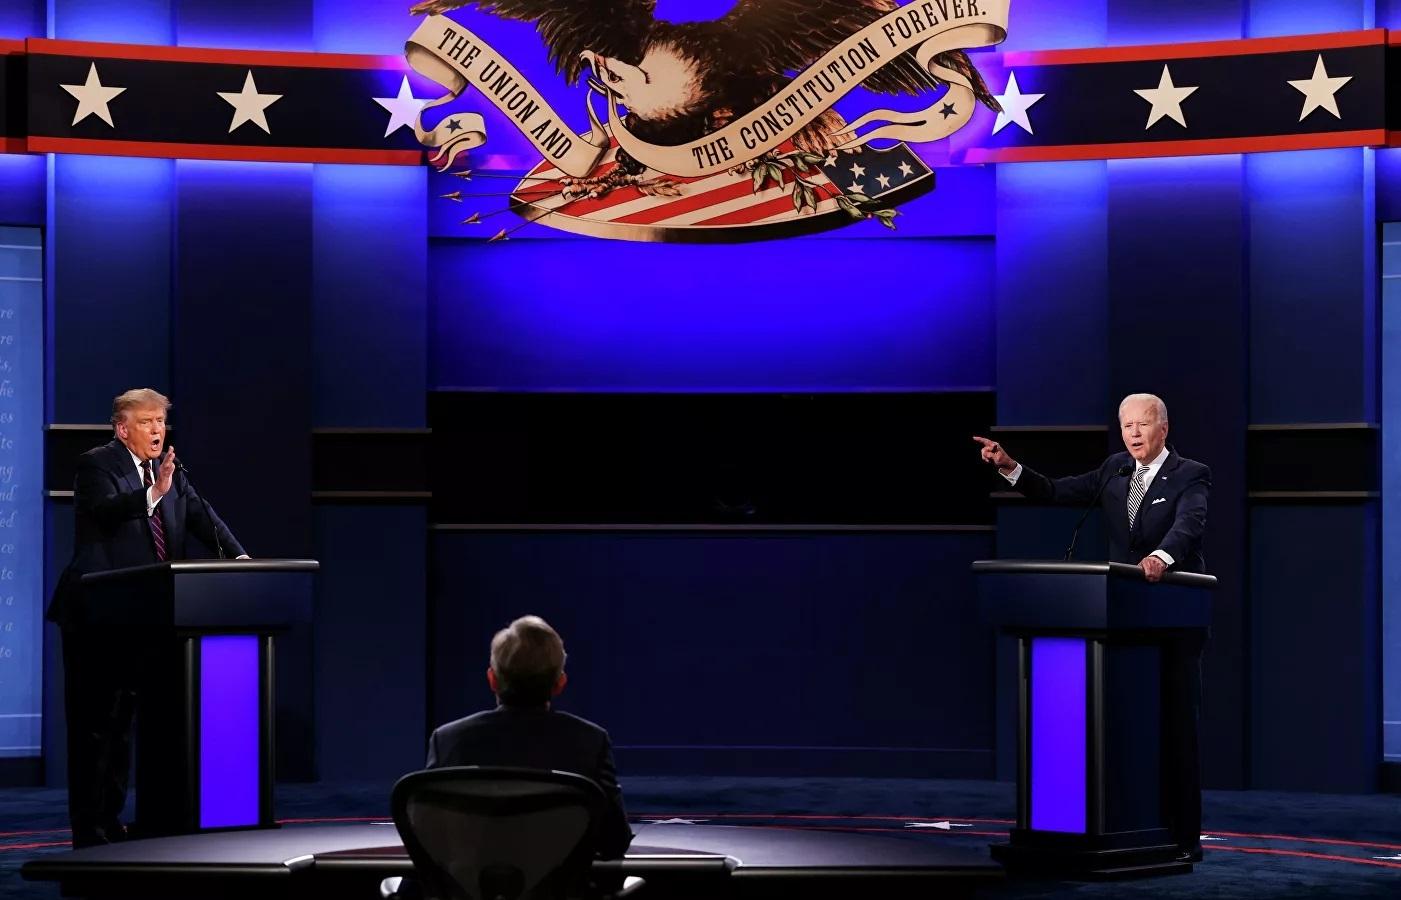 Nếu đắc cử tổng thống Mỹ, ông Biden sẽ làm gì?